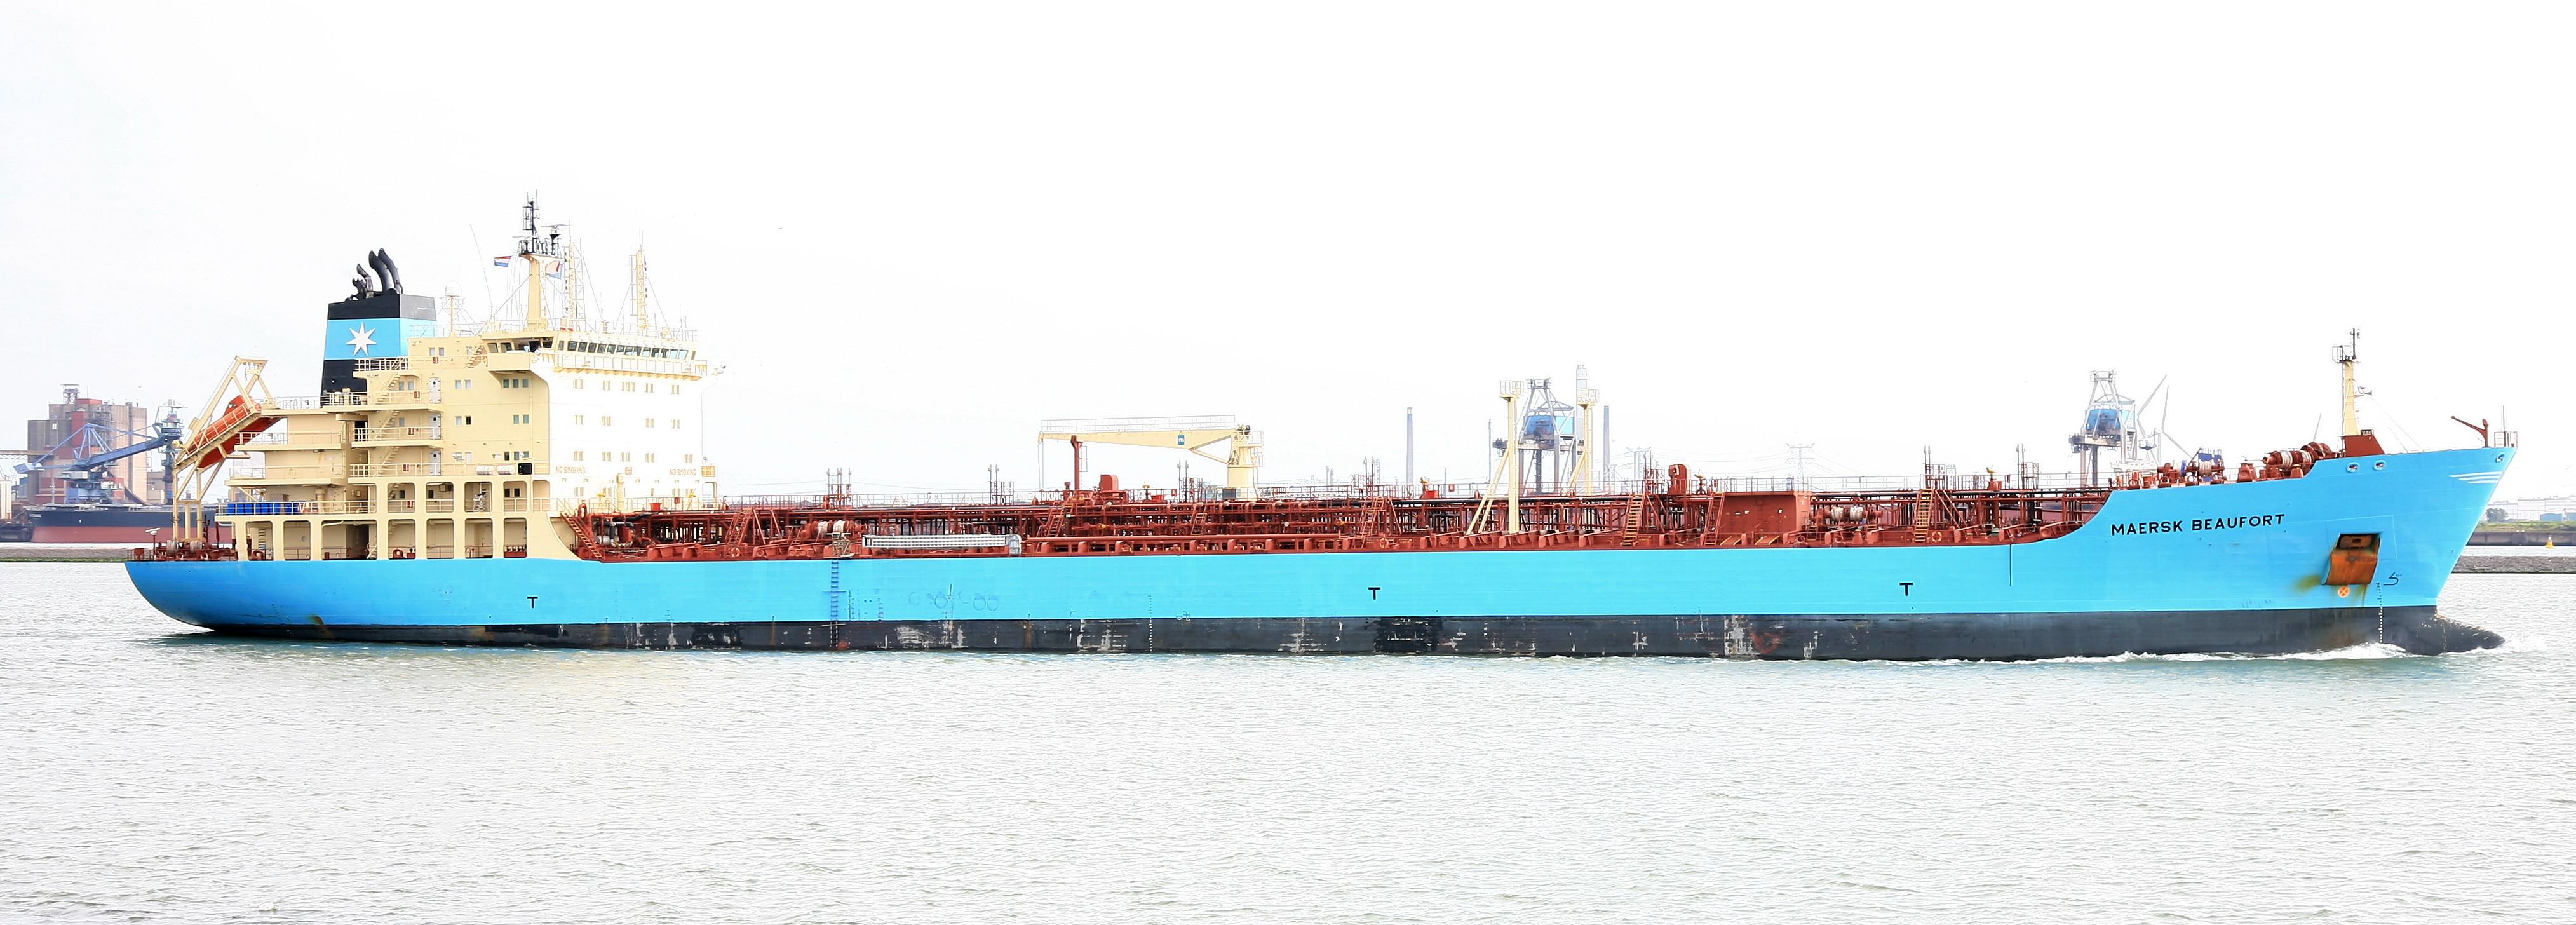 File:Maersk Beaufort (ship, 2006) 001.jpg